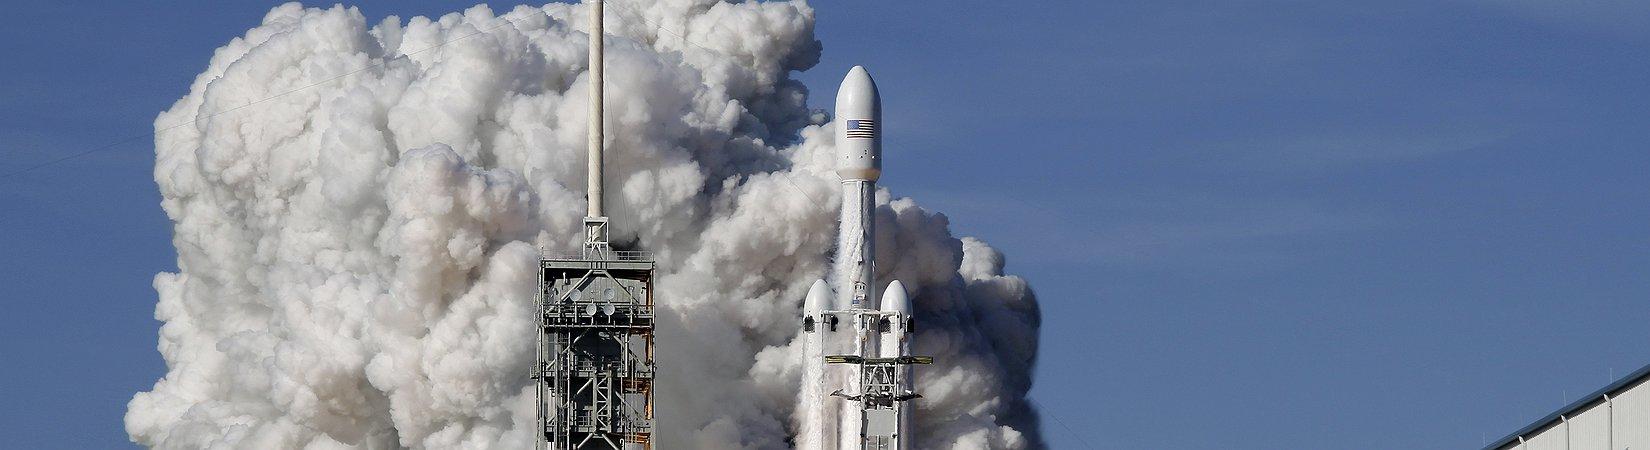 SpaceX lanza con éxito el Falcon Heavy